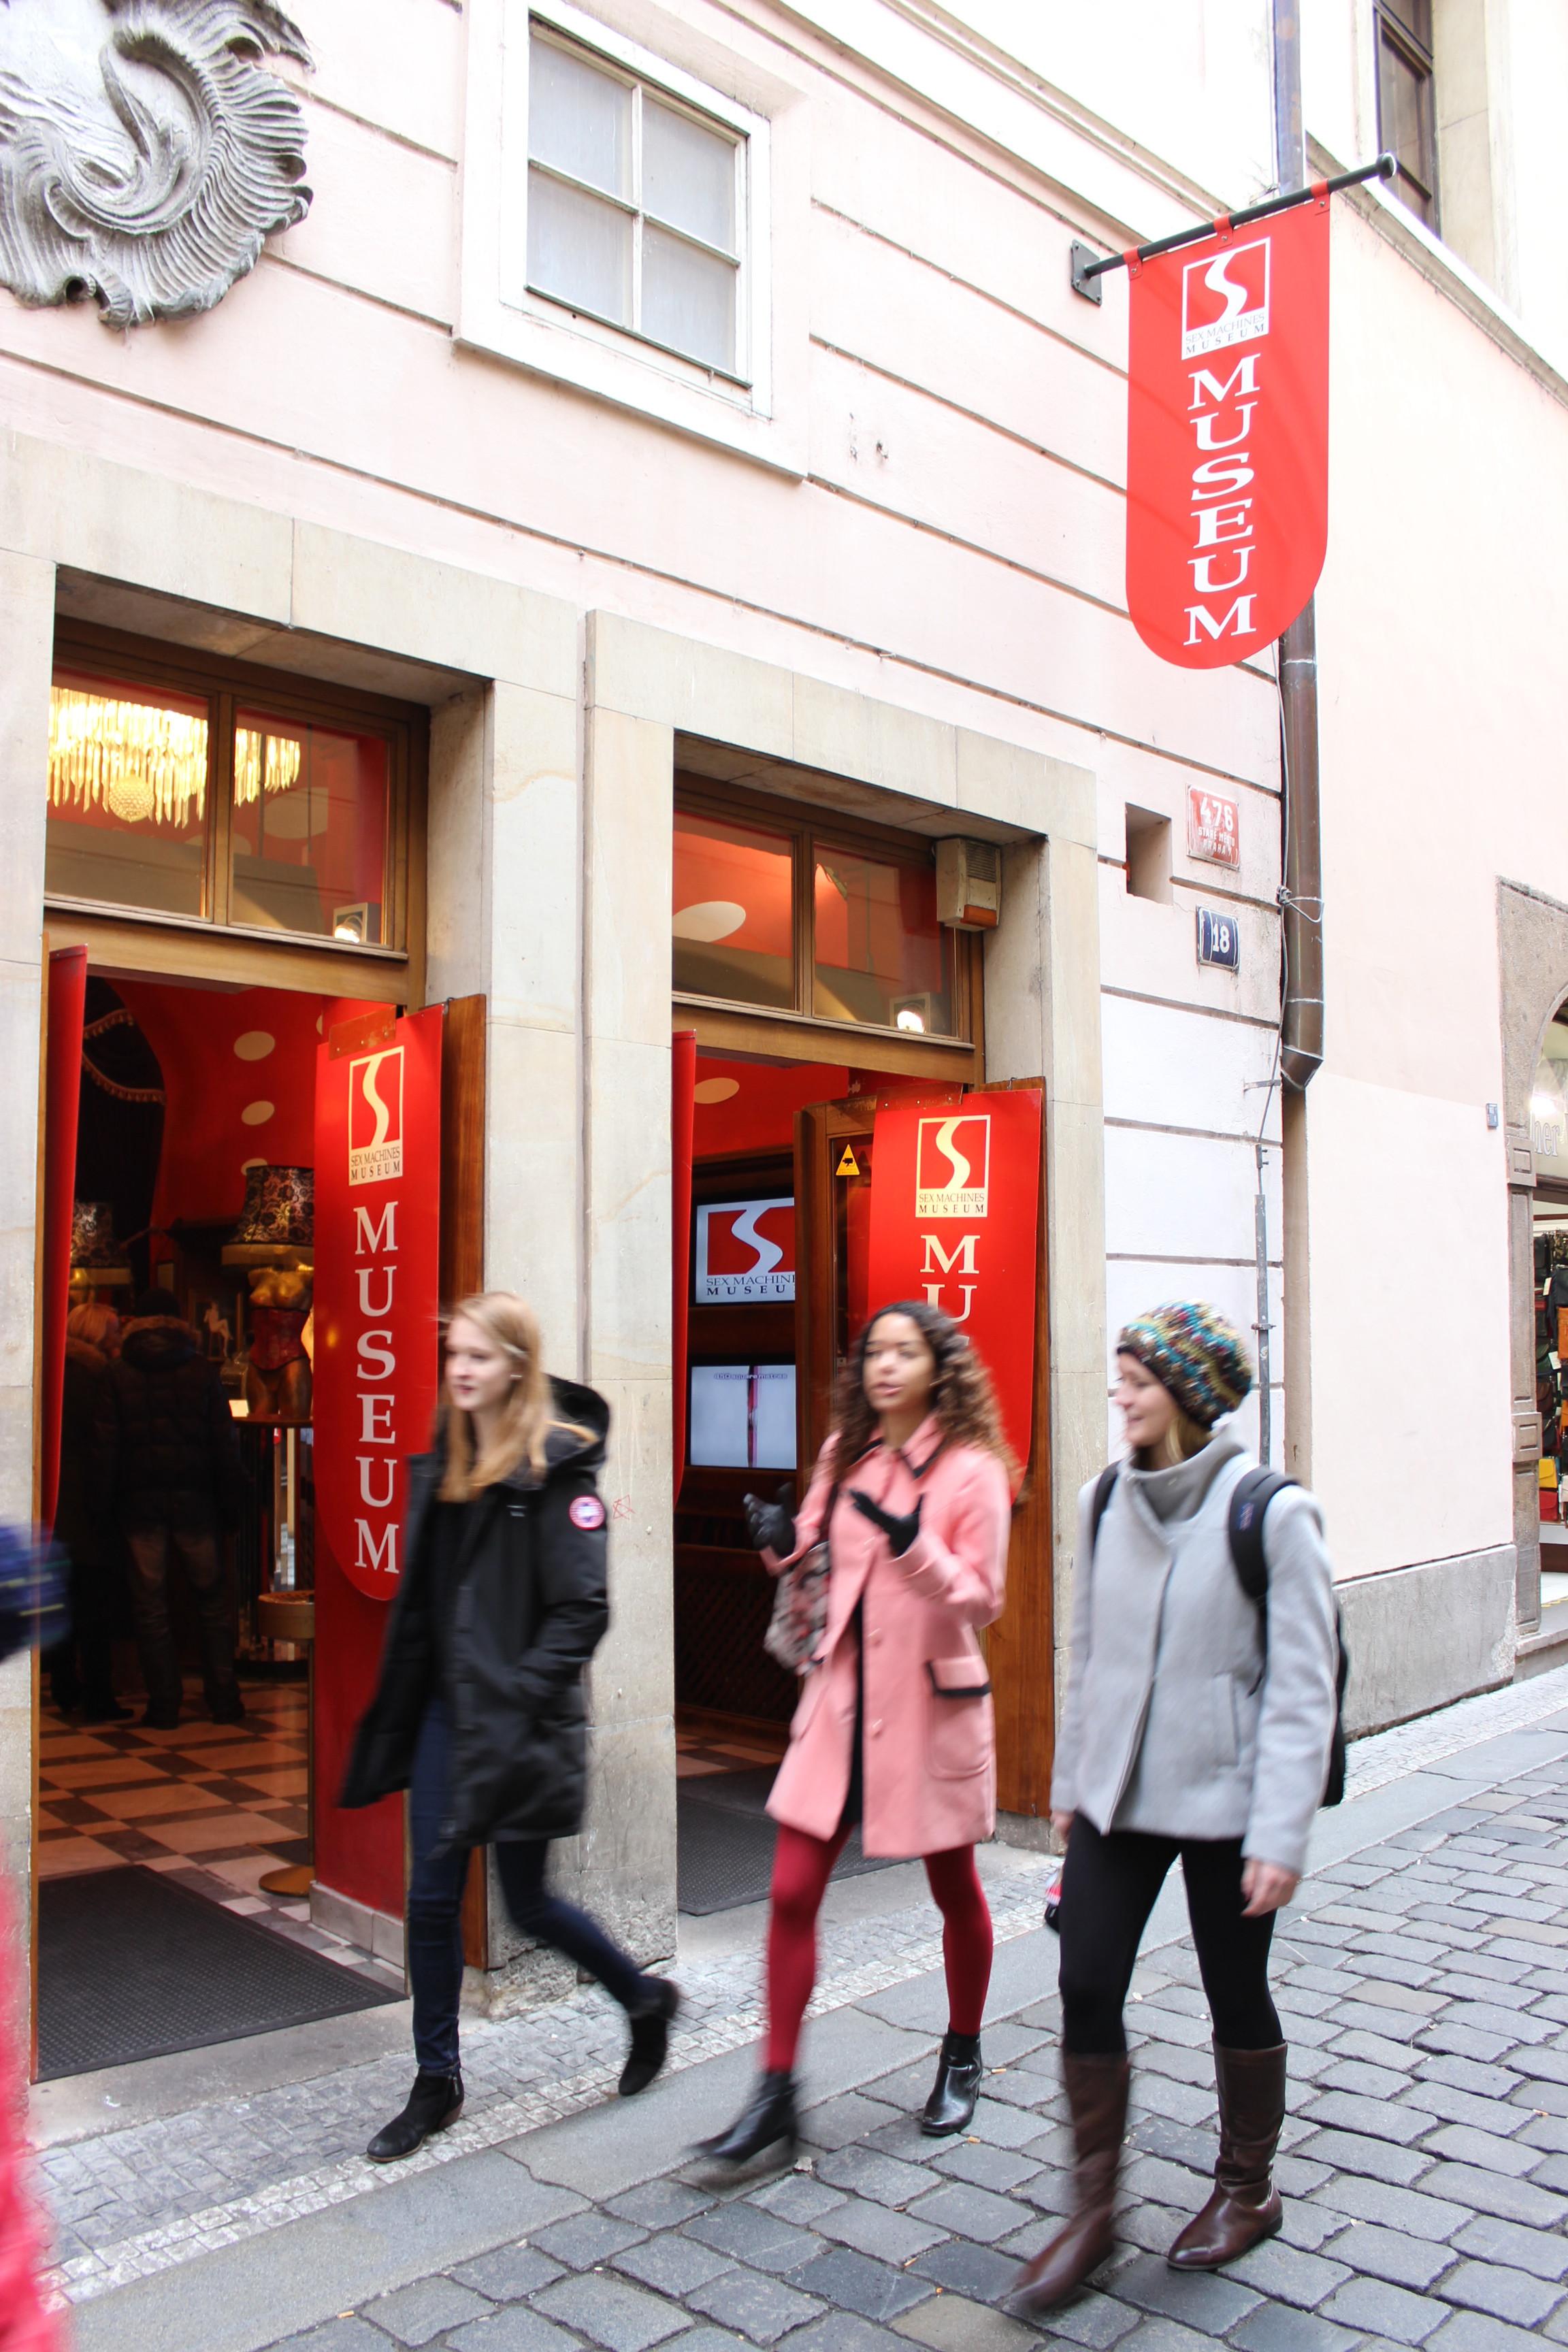 Múzeum sexuálnych pomôcok a hračiek v Prahe je obľúbeným cieľom českého hlavného mesta.